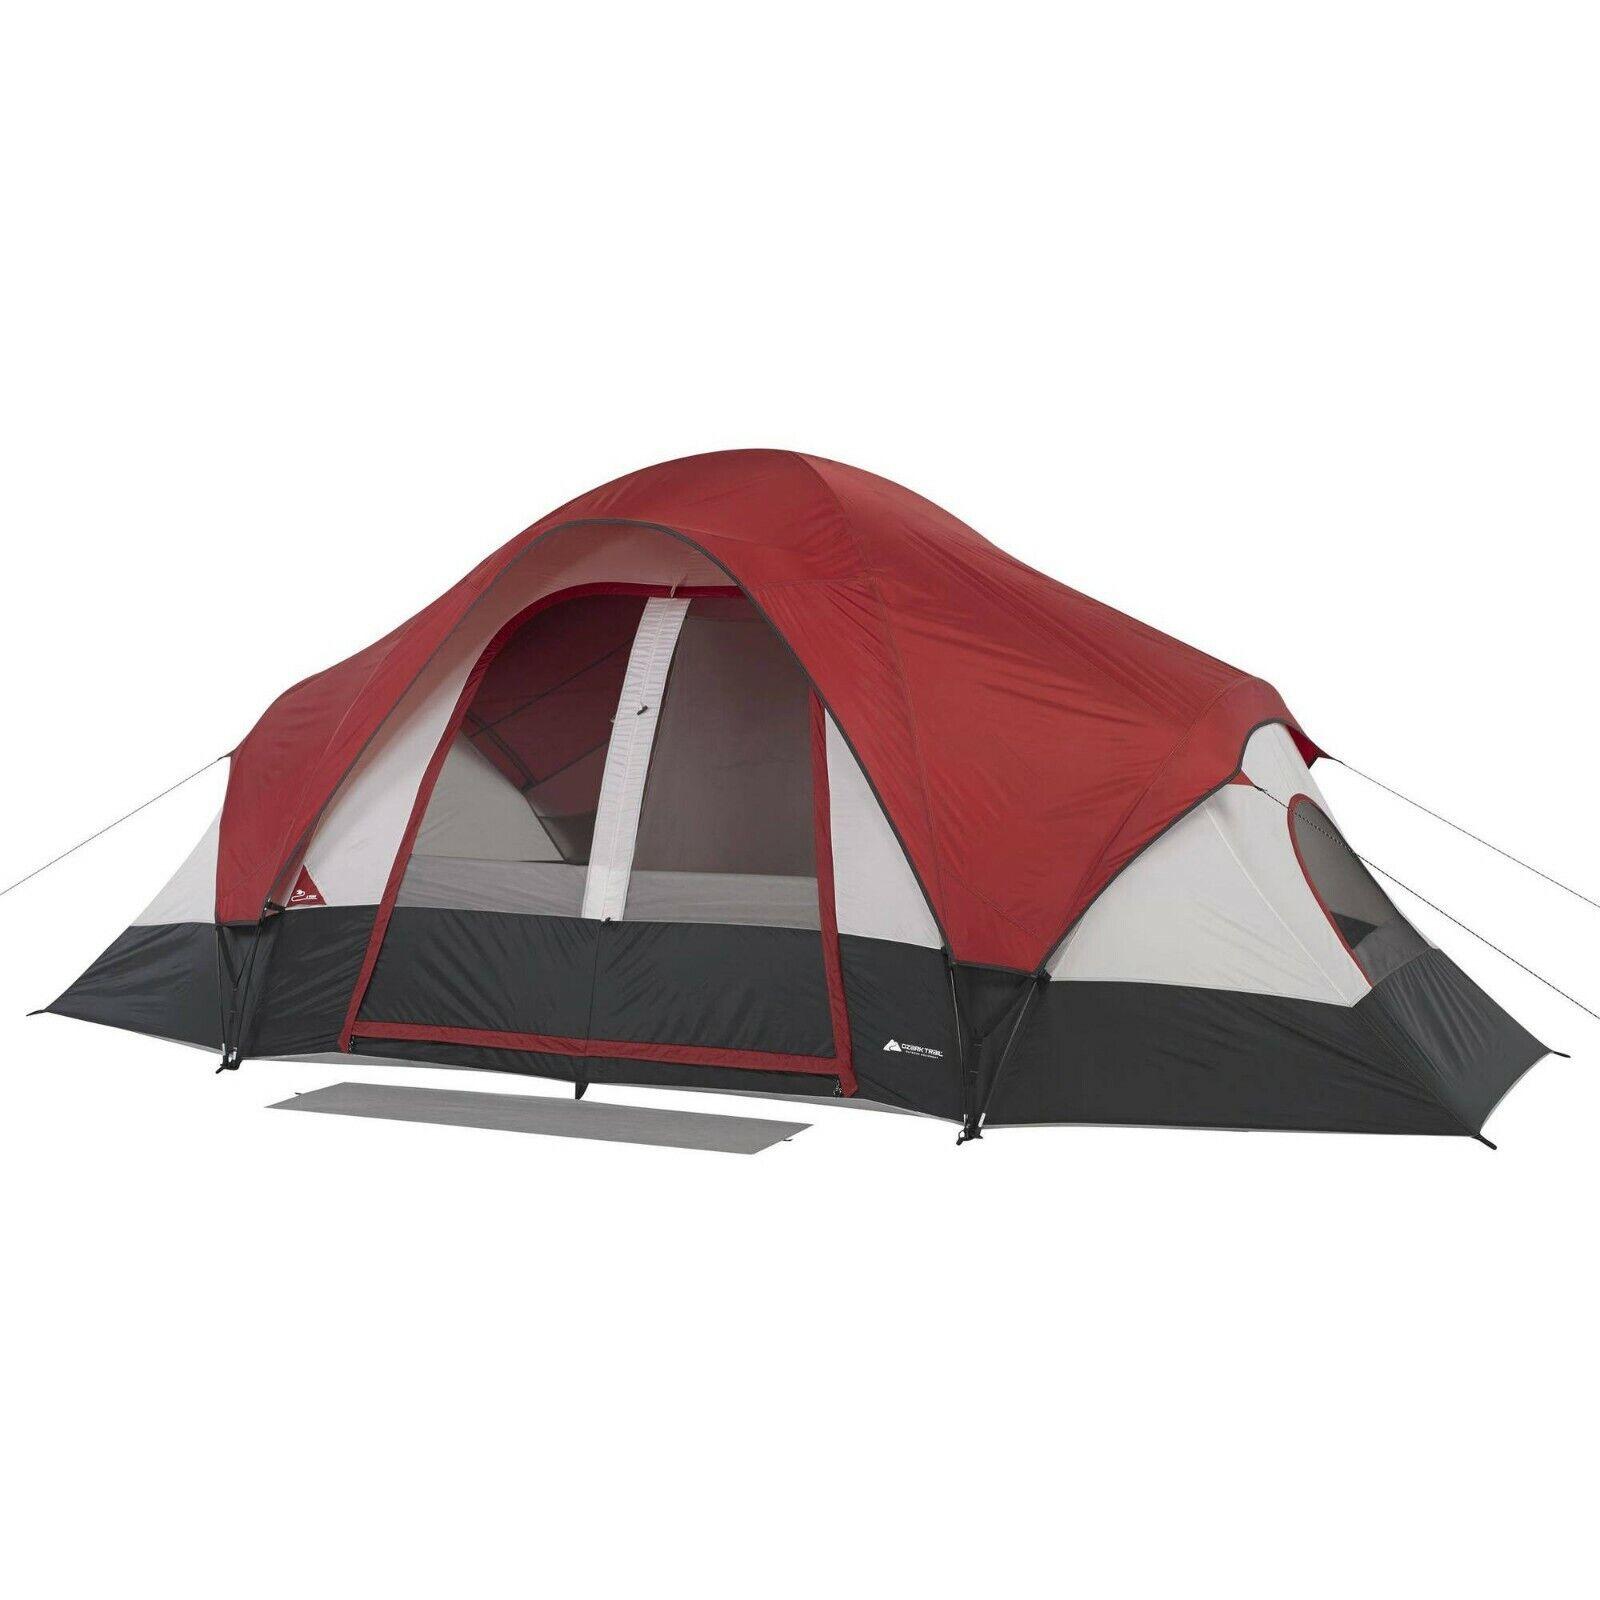 Ozark Trail 8 Person Instant Cabin Tent 2 Room Family campeggio all'aperto 16 x 8 ft